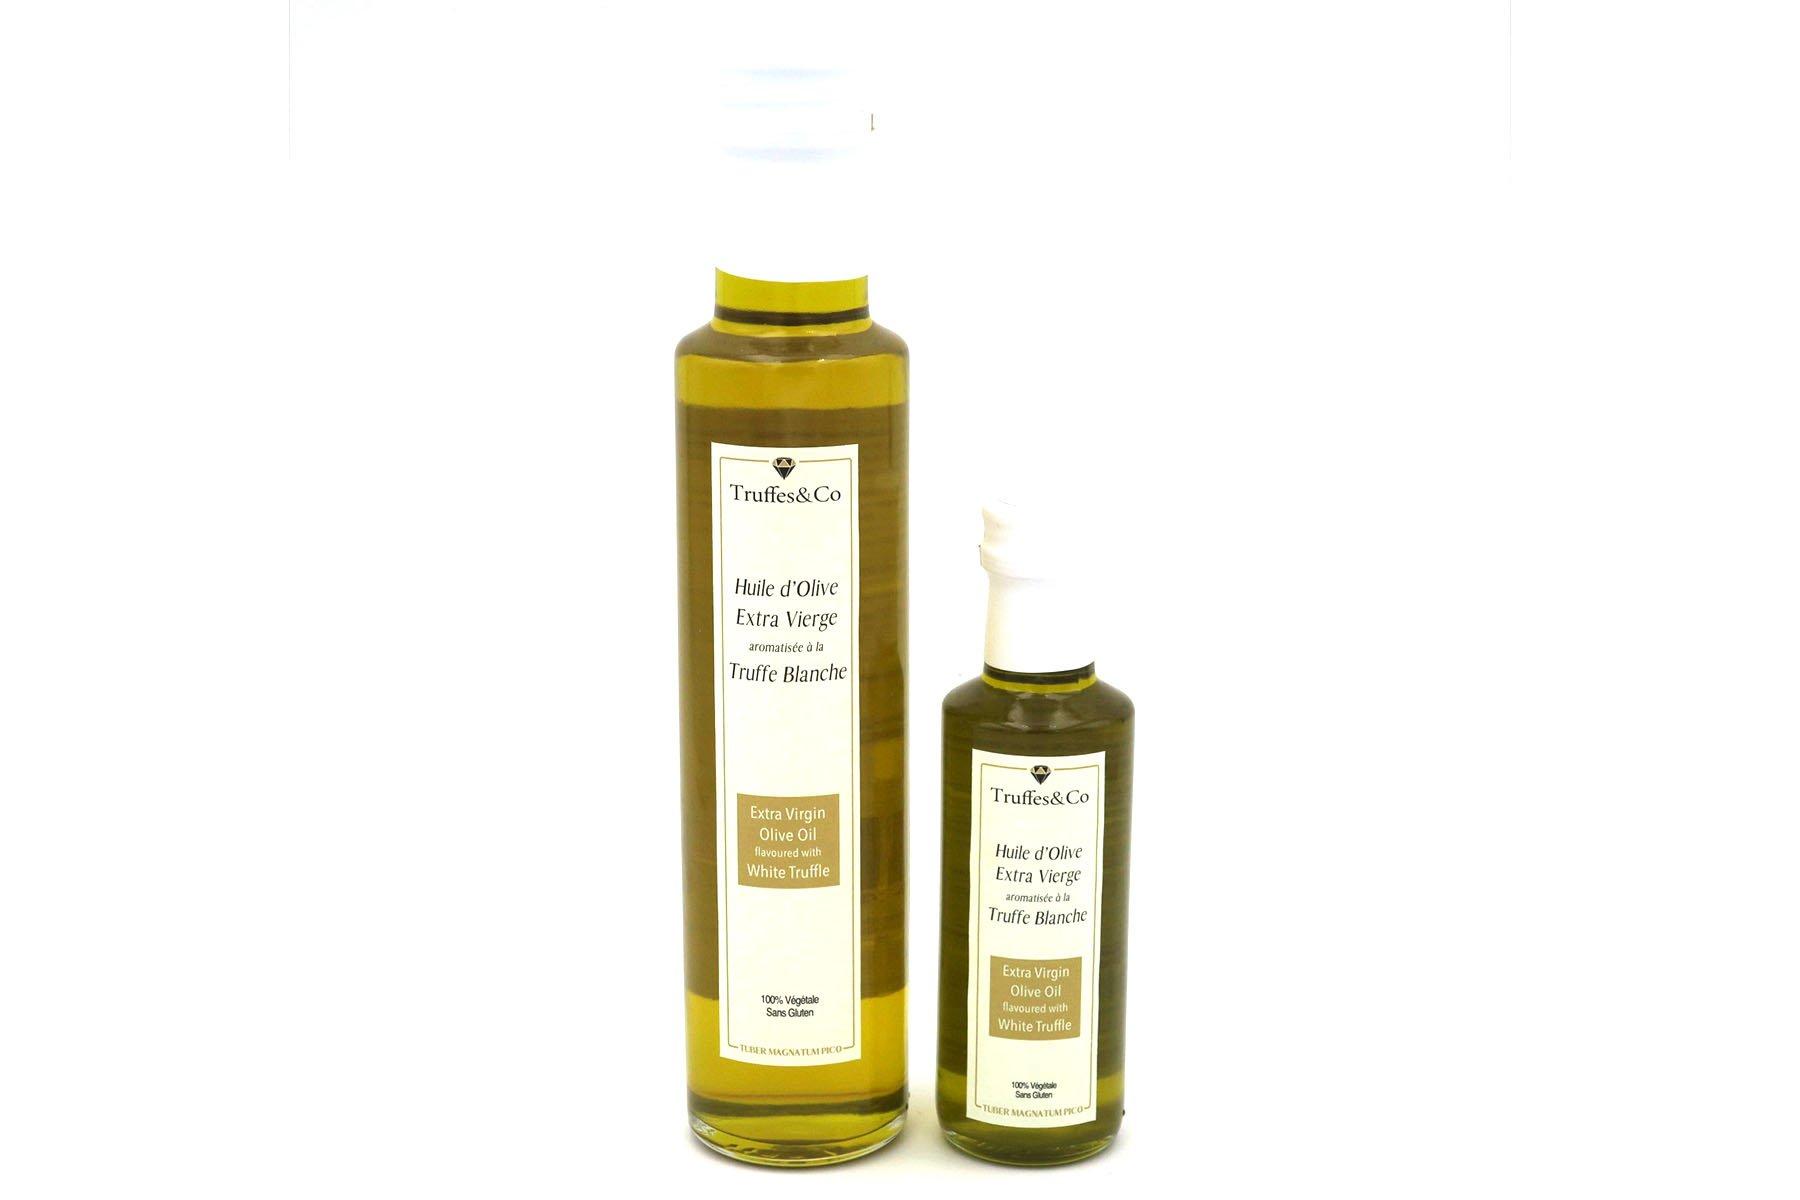 TC-HARB100&250 Huile d'olive aromatisée à la Truffe Blanche Truffes&Co